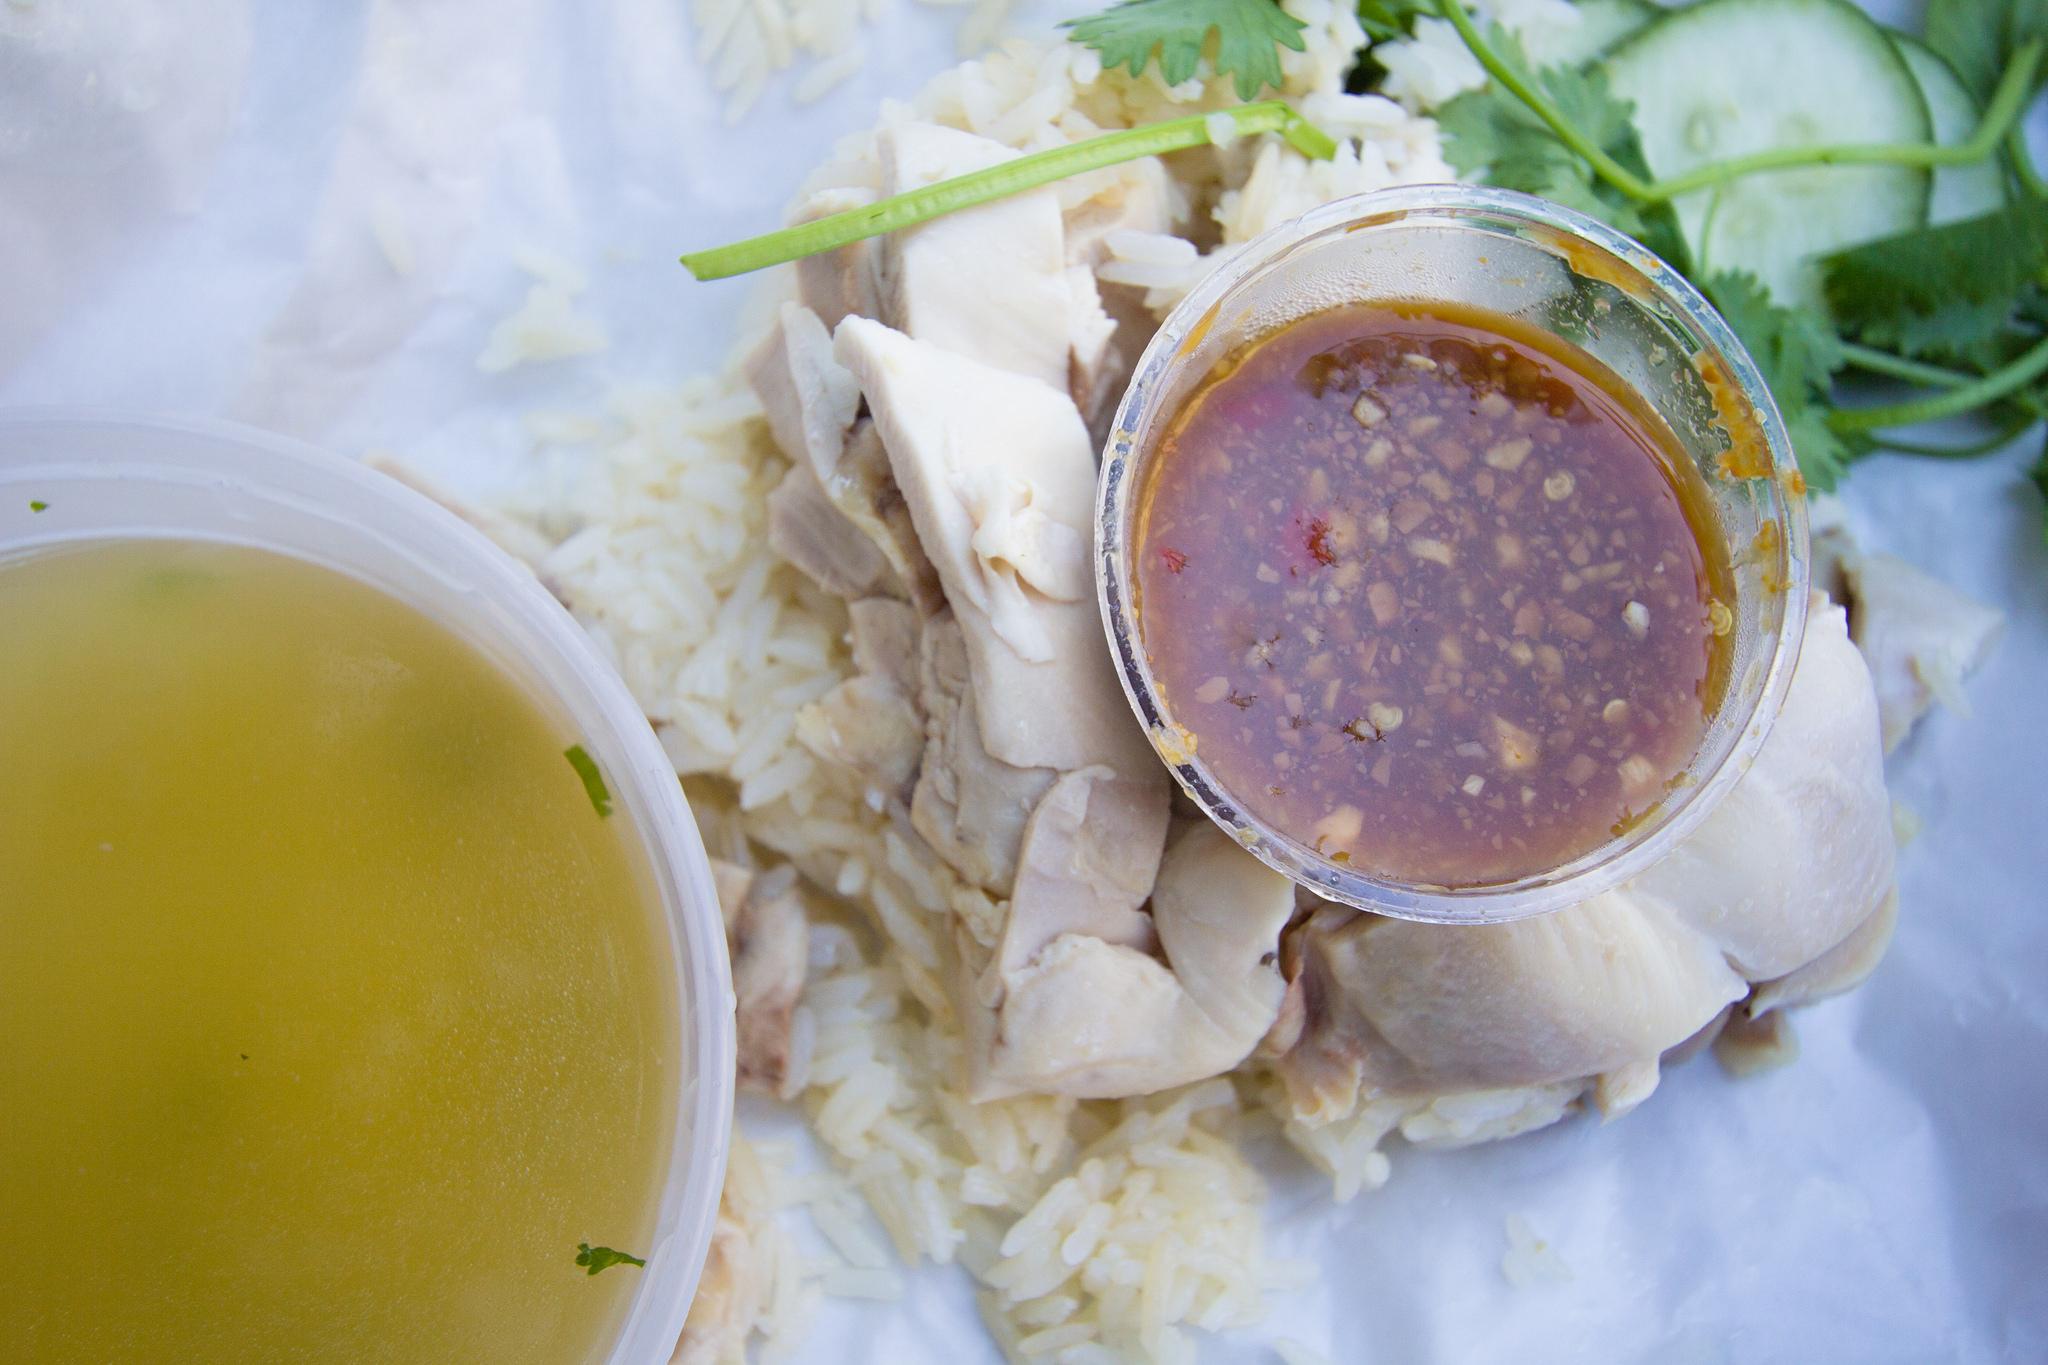 Nong's Khao Man Gai - Photo Credit: sstrieu on Flickr